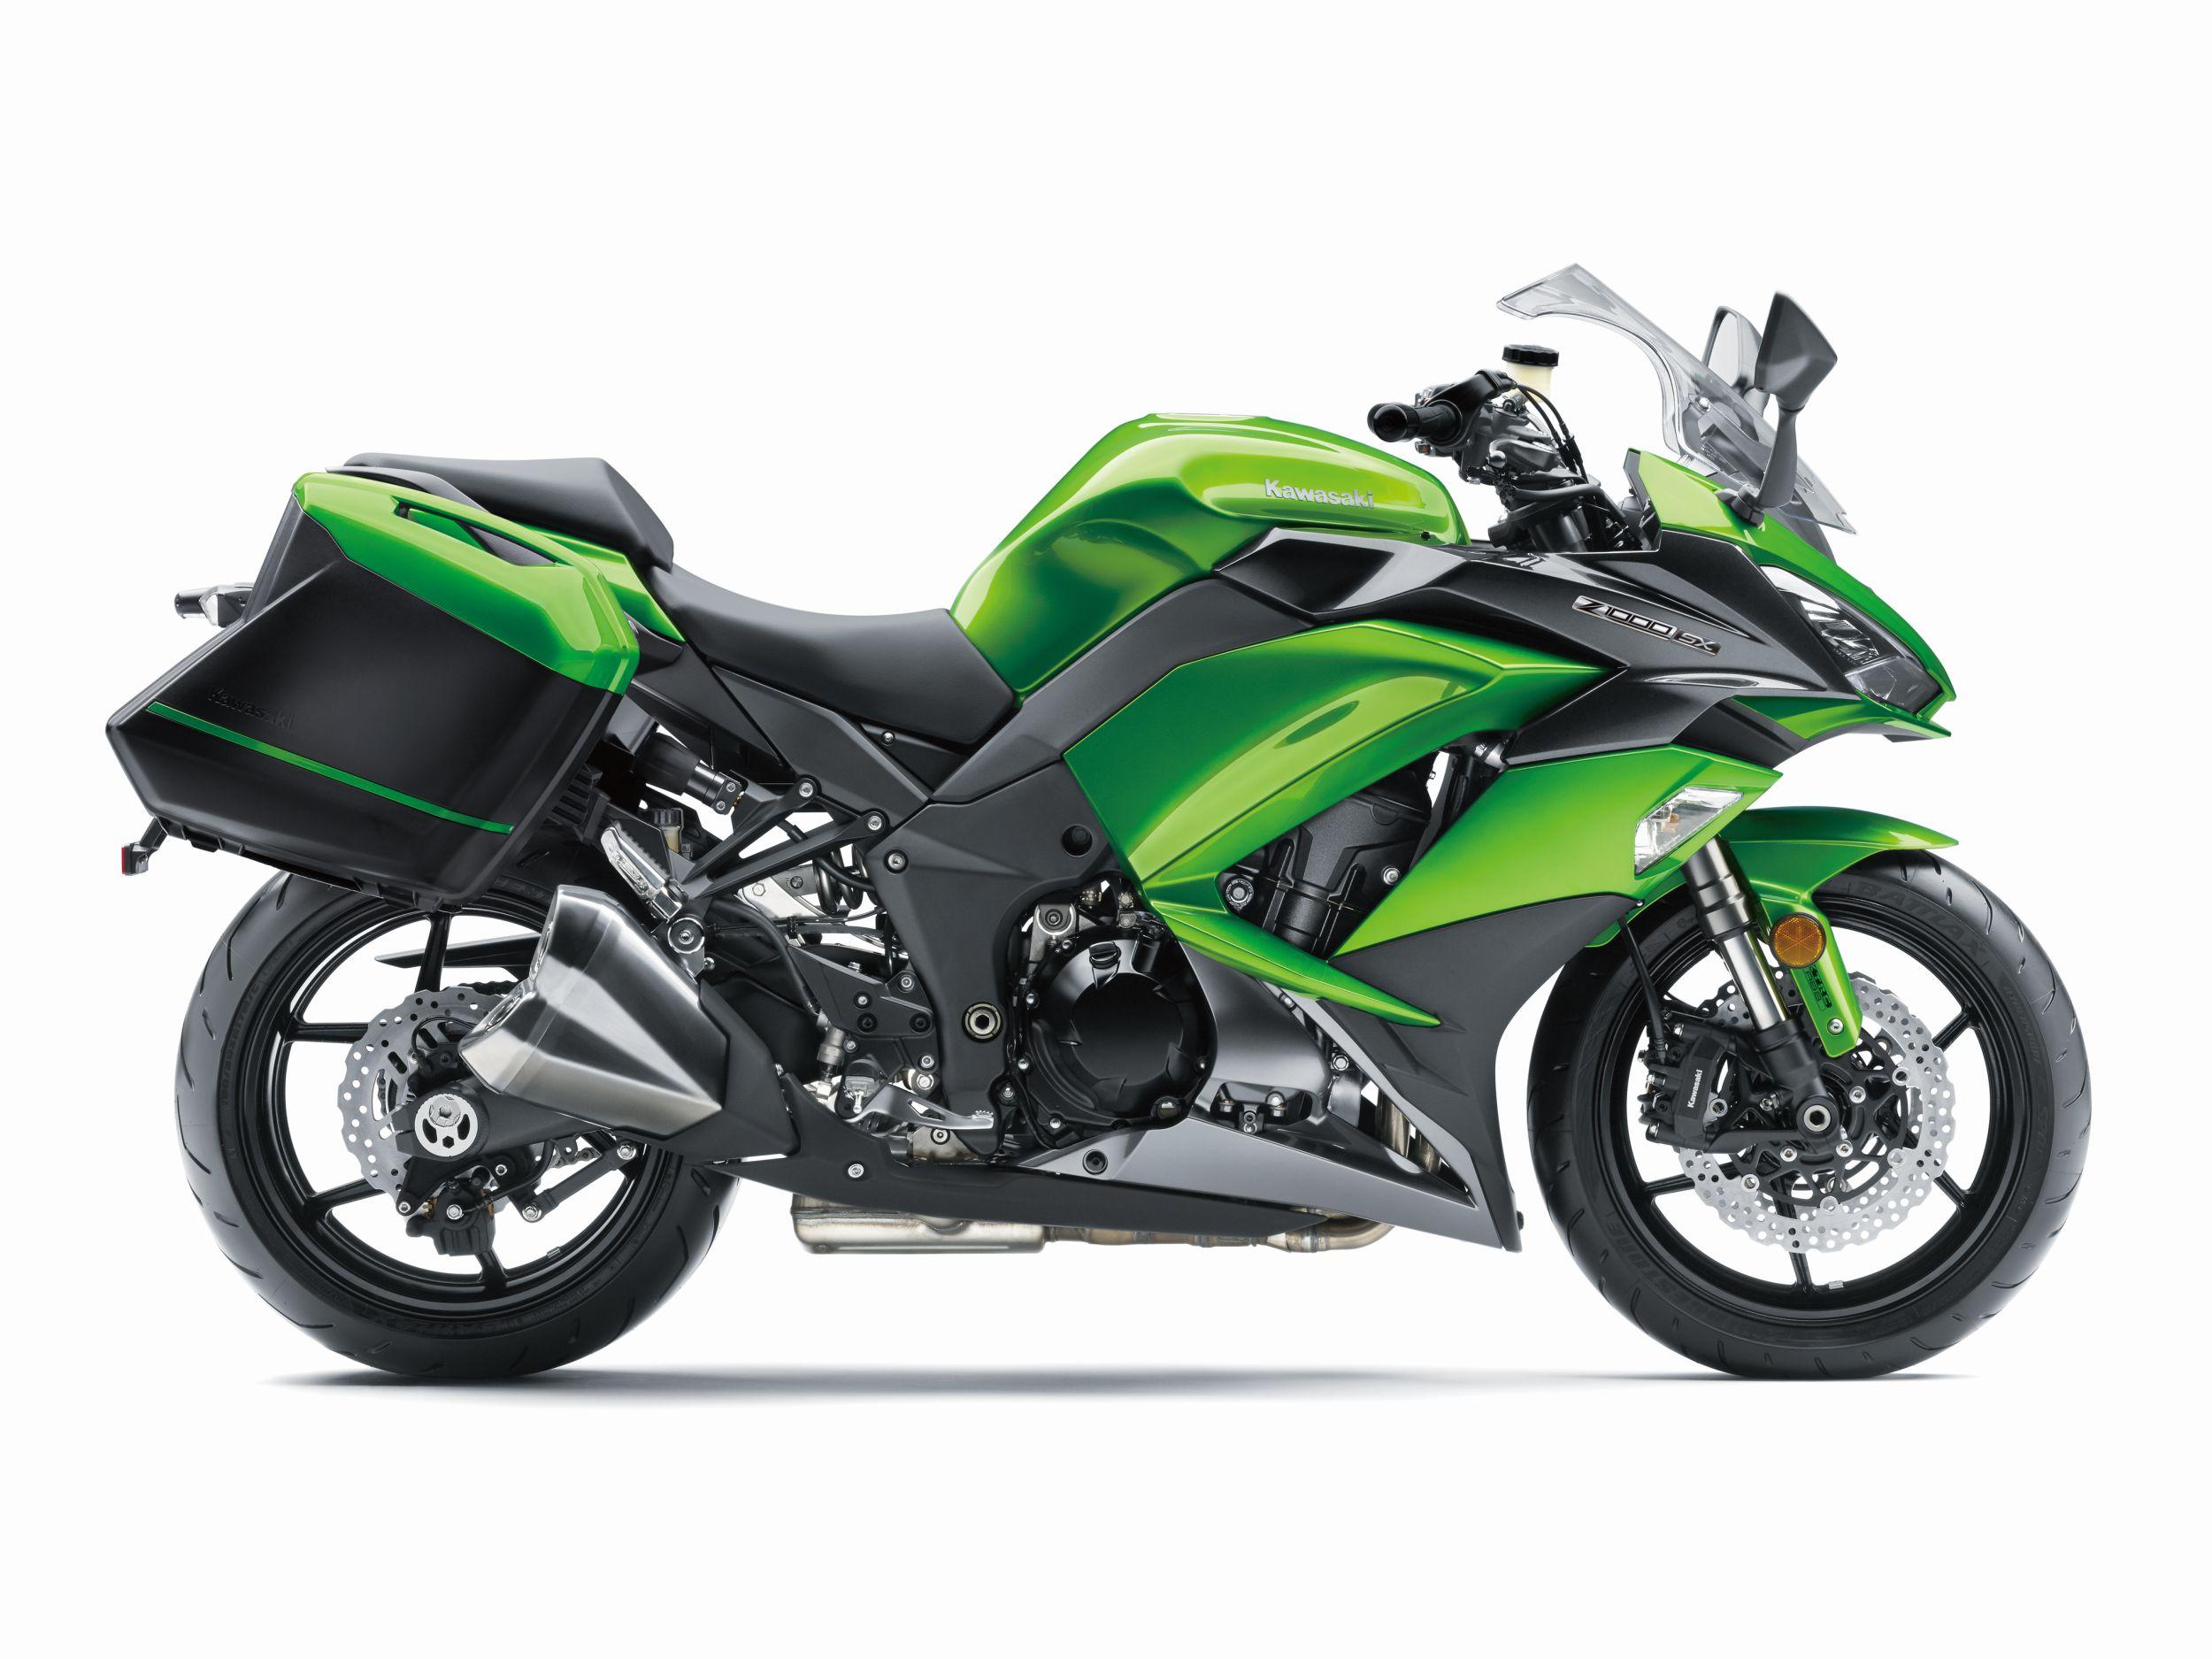 Gebrauchte Kawasaki Z 1000SX Motorräder kaufen